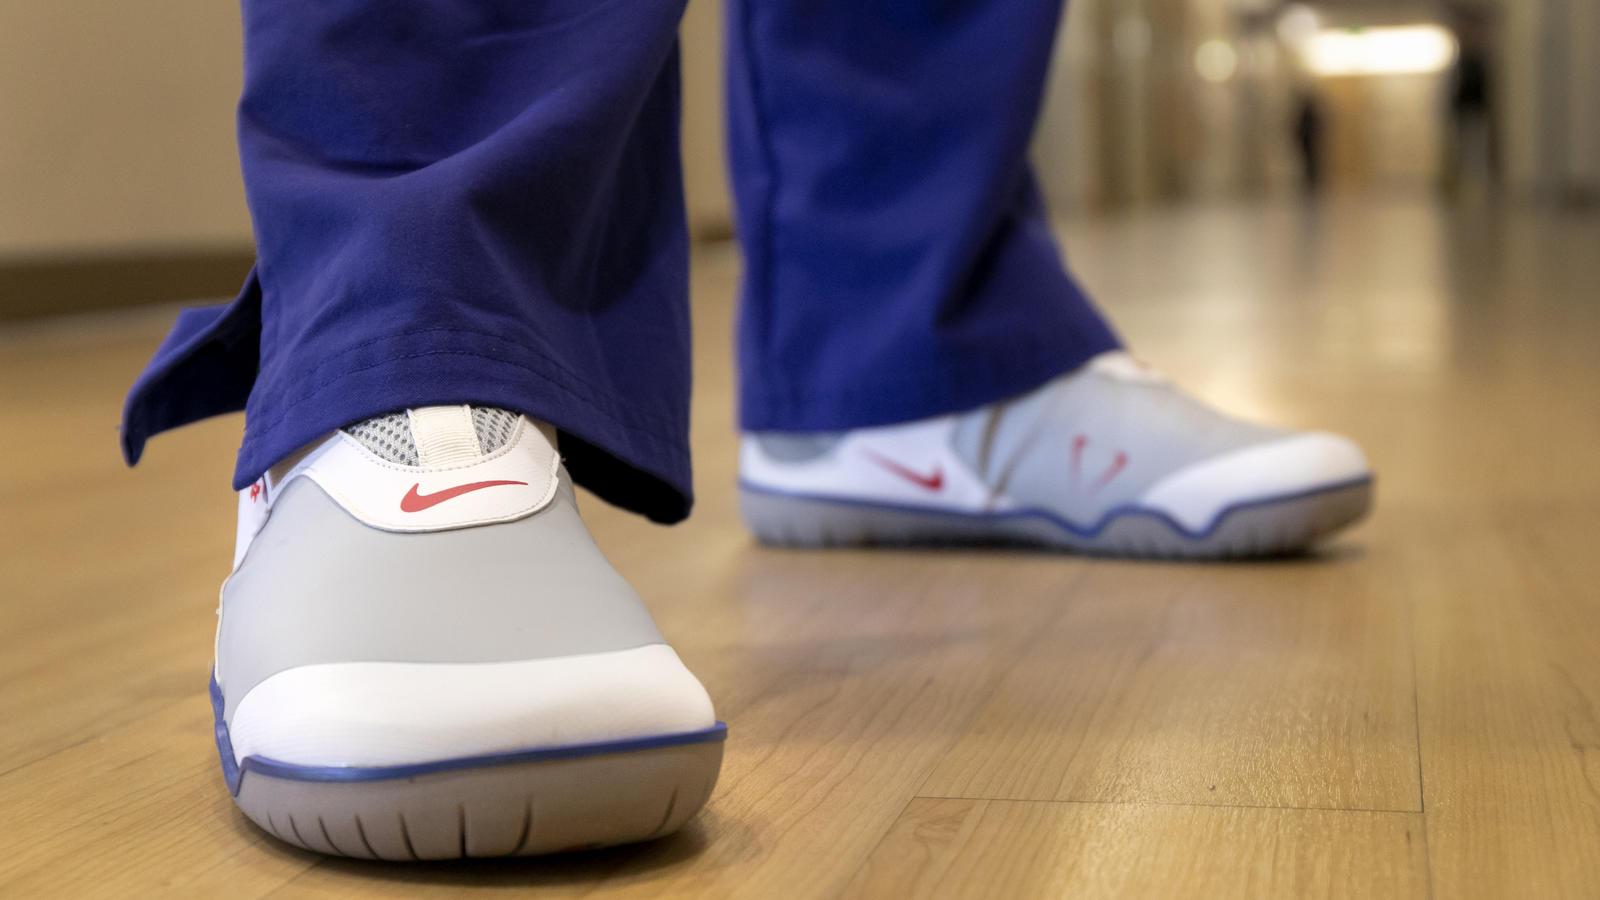 Nike, Sağlık Çalışanlarına 5,5 Milyon Dolar Değerinde Ürün Bağışlayacak